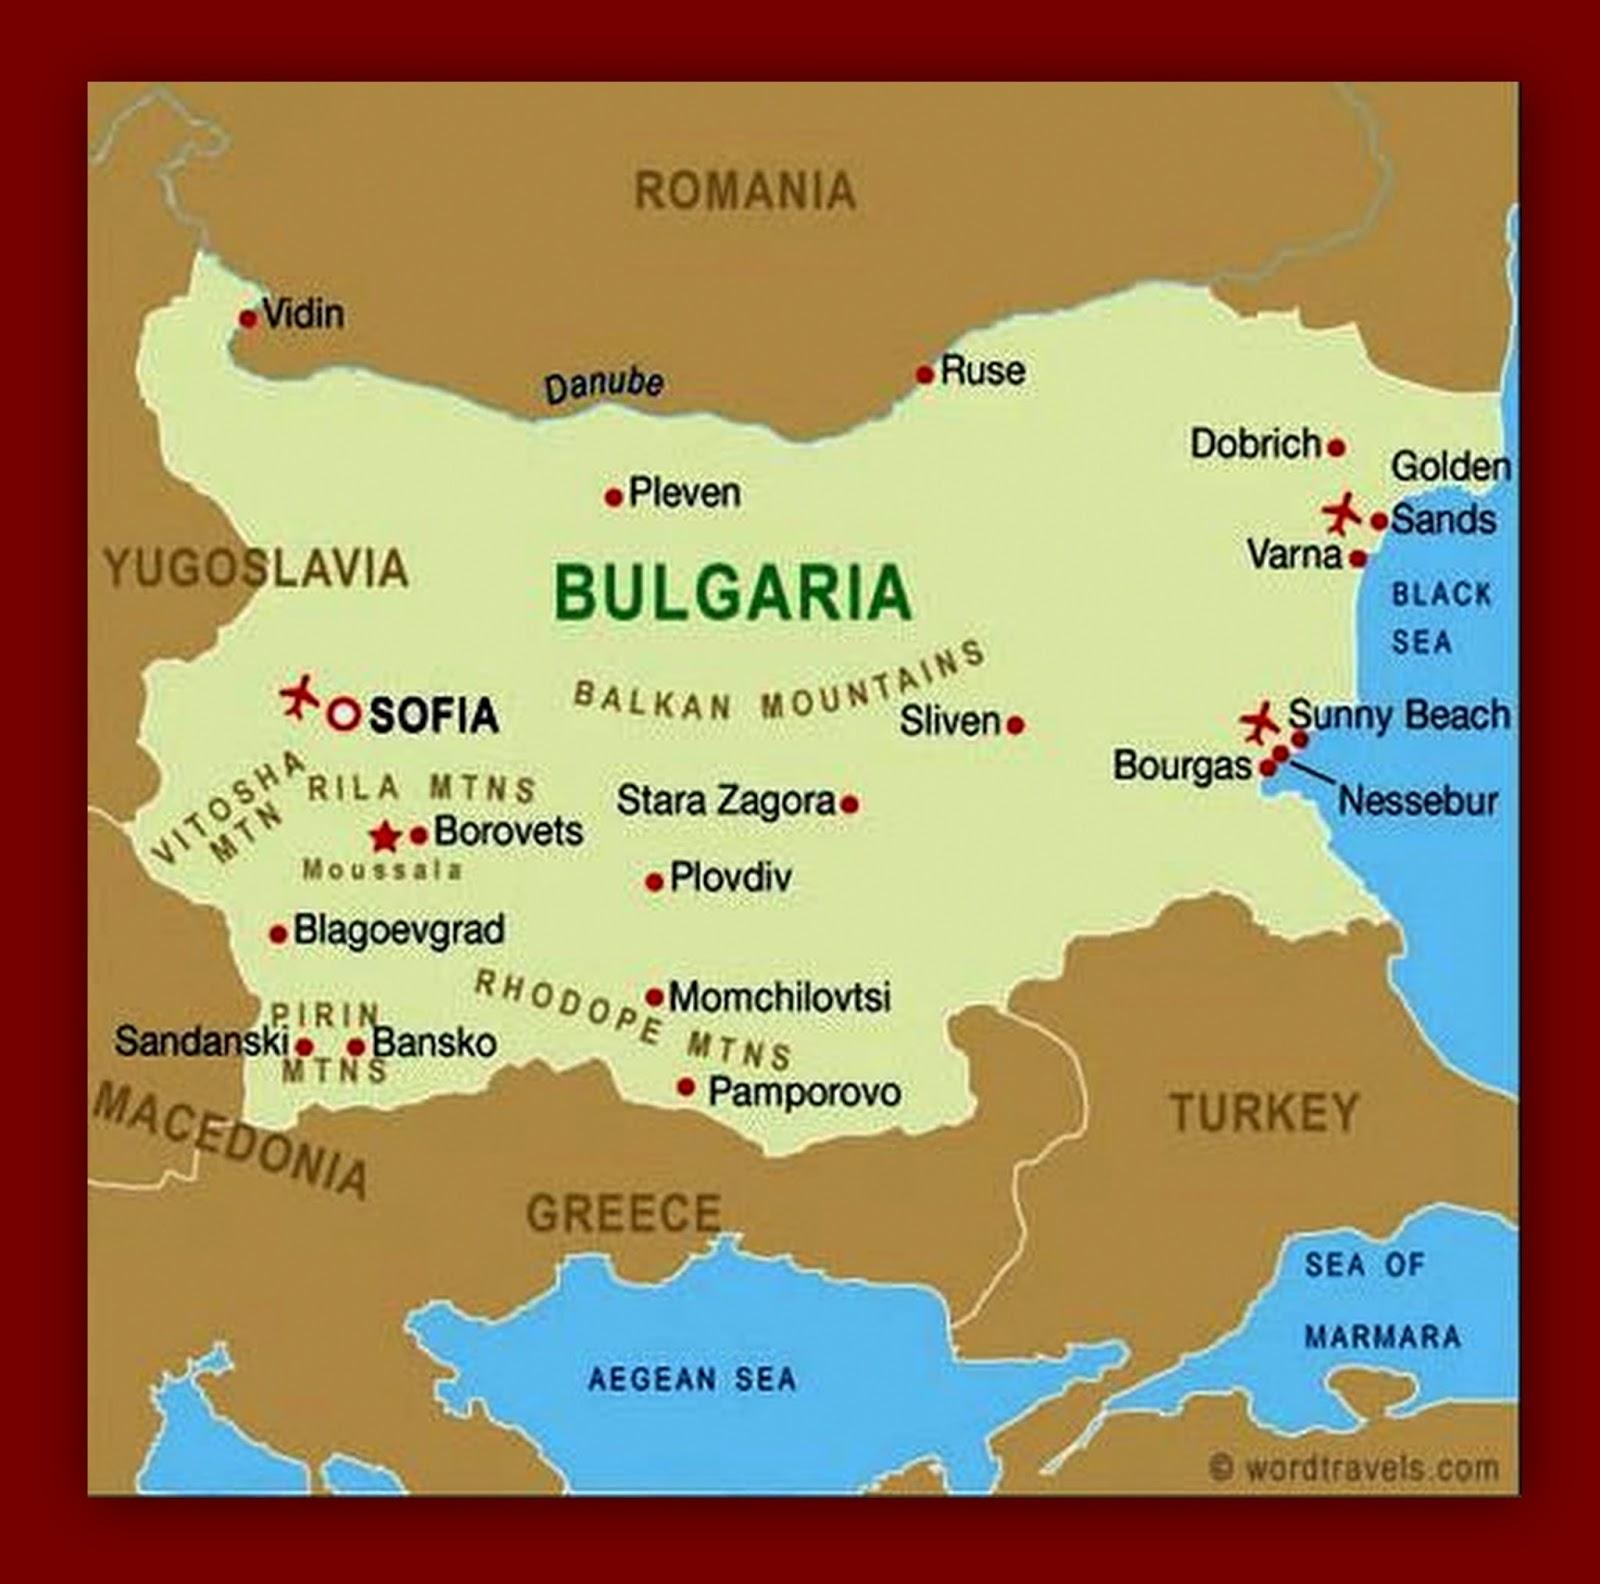 karta bugarske Kao na dlanu : Moj vodič kroz Sofiju (I deo) karta bugarske